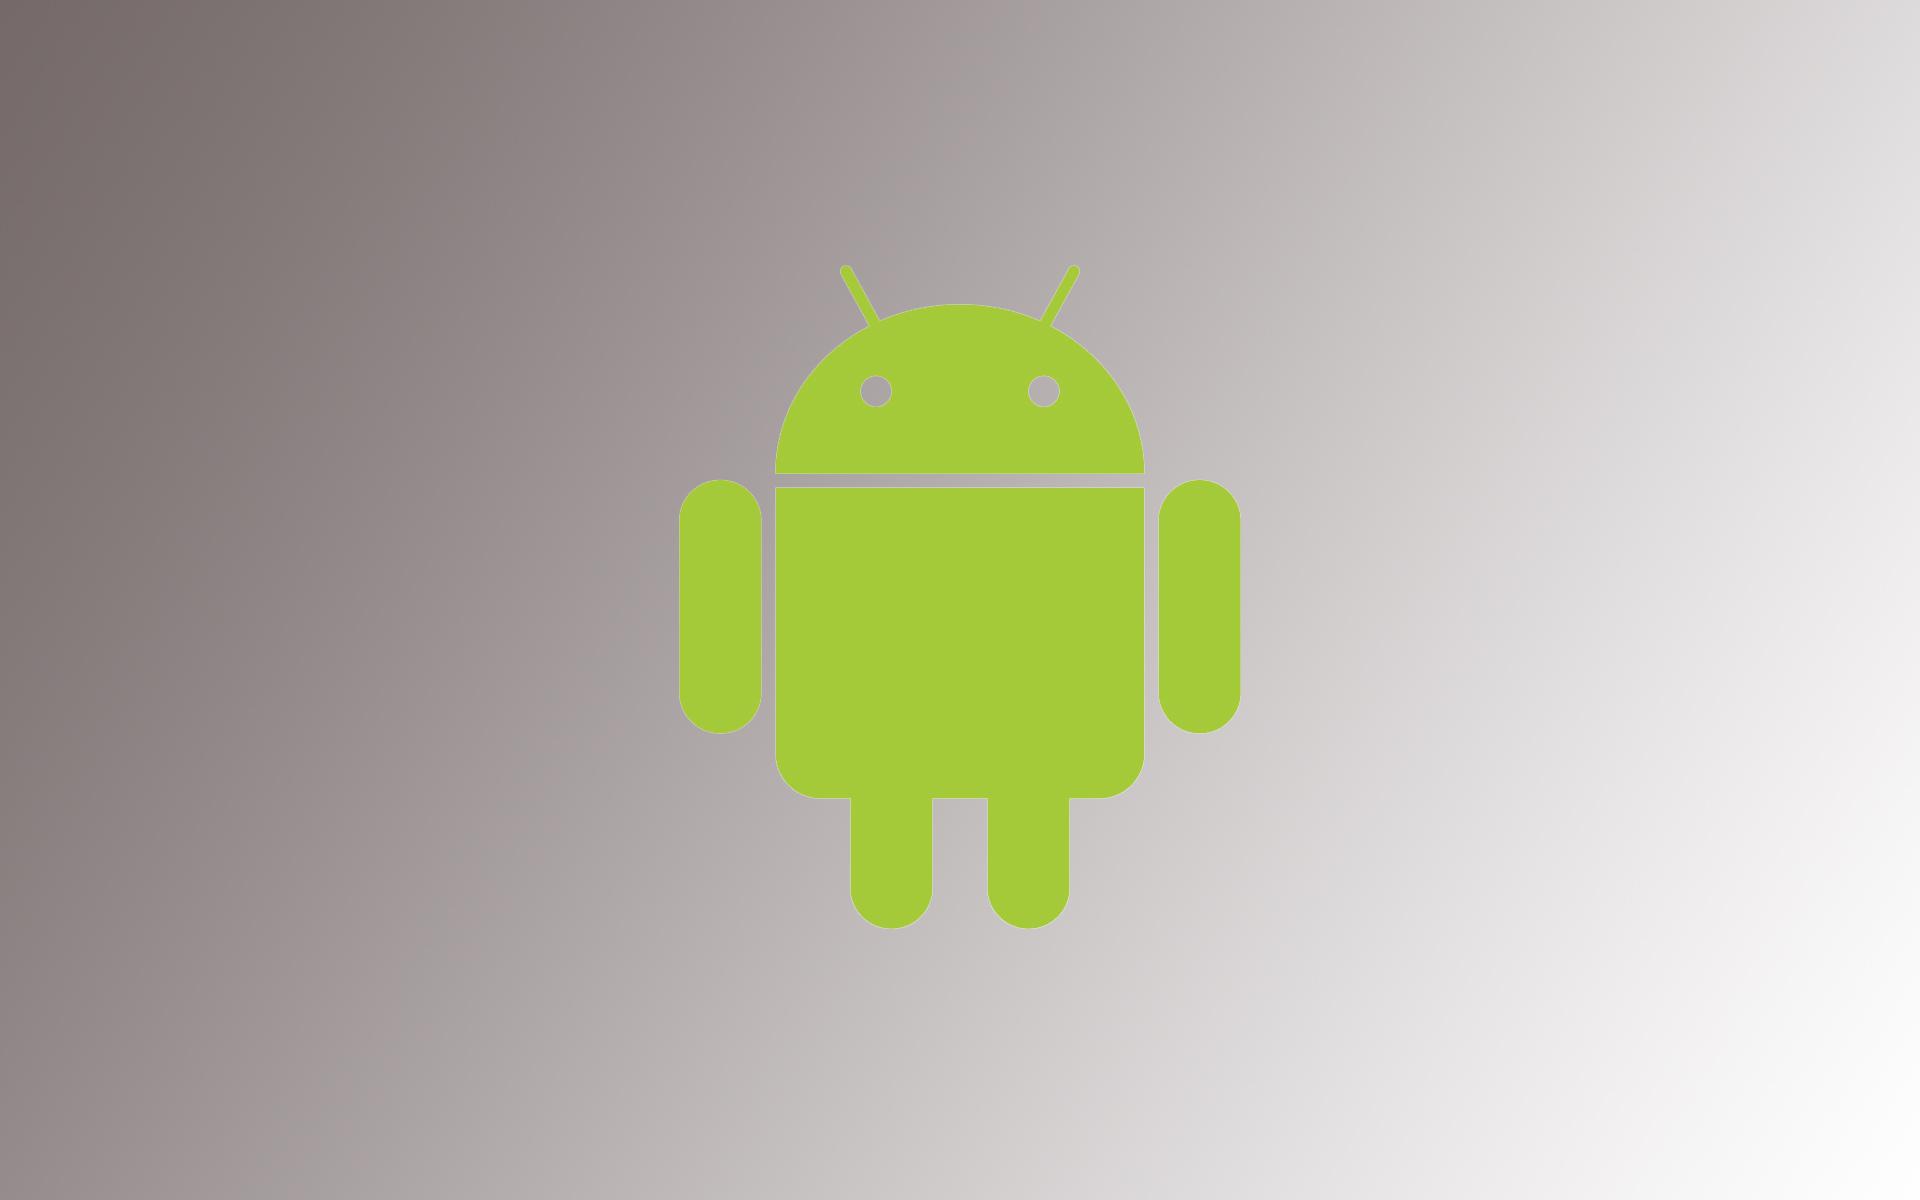 Прикольные картинки на андроид 4.4.2